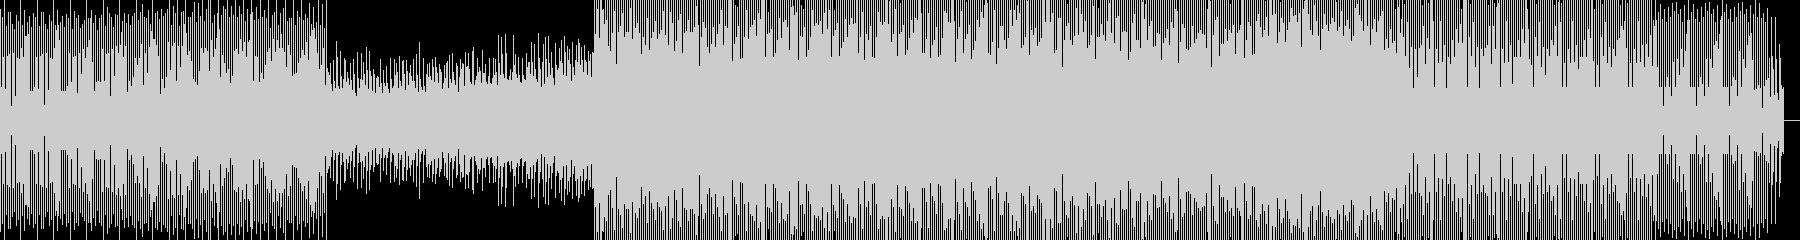 ミッドテンポなエレクトロビートの未再生の波形